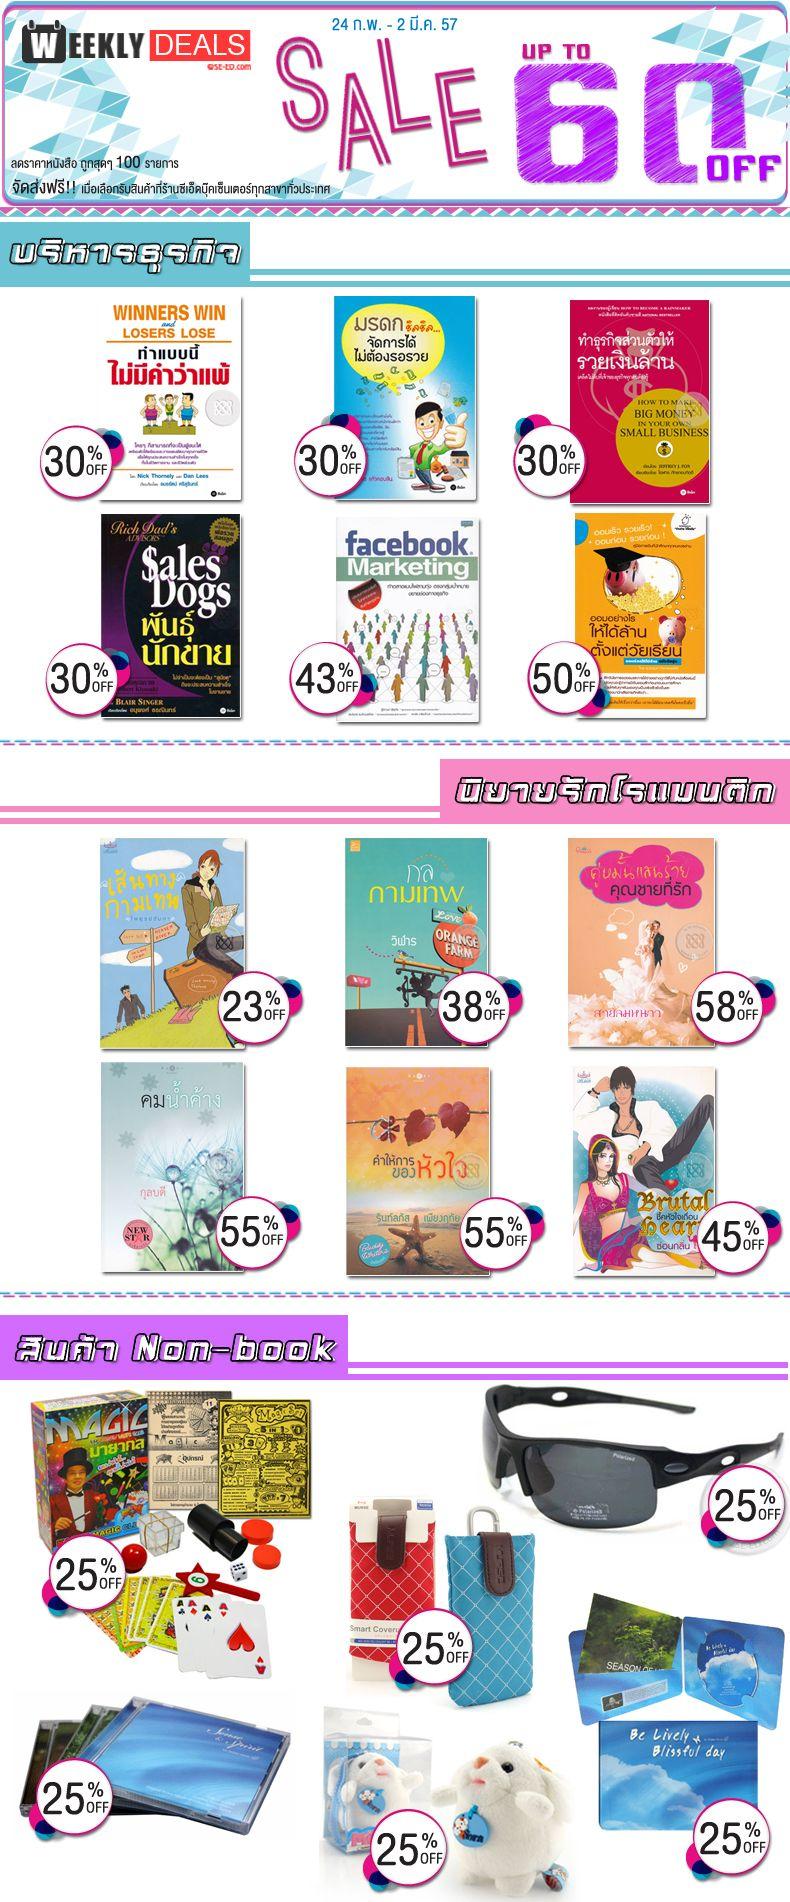 Weekly Deals @S. E.-ED.COM ครั้งที่ 10!!  Sale Up To 60%!! ถูกสุดๆ ลดเวอร์ๆ ทั้งหนังสือและสินค้ารวมกว่า 100 รายการ!!  เริ่มวันนี้ - 2 มี.ค.57 นี้ เฉพาะที่ se-ed.com  คลิกสั่งซื้อเลยที่ >> deals.se-ed.com